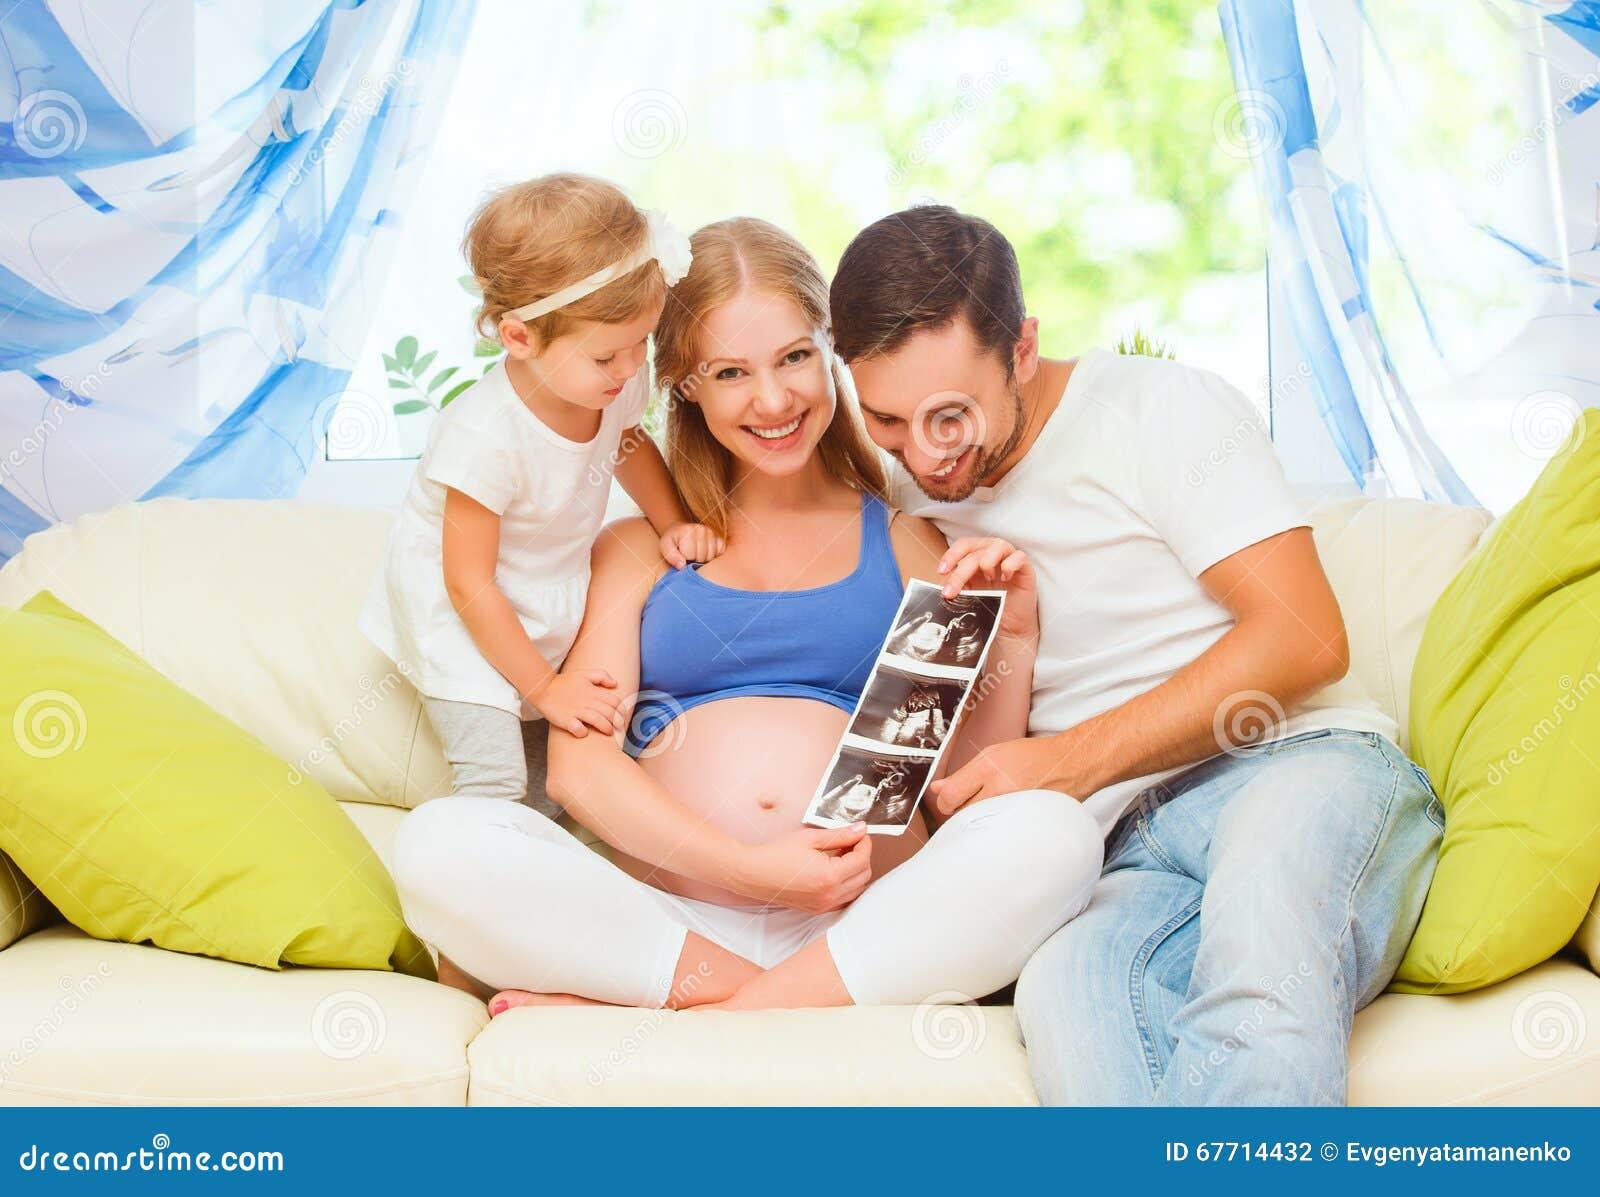 Дети в ожидании фото